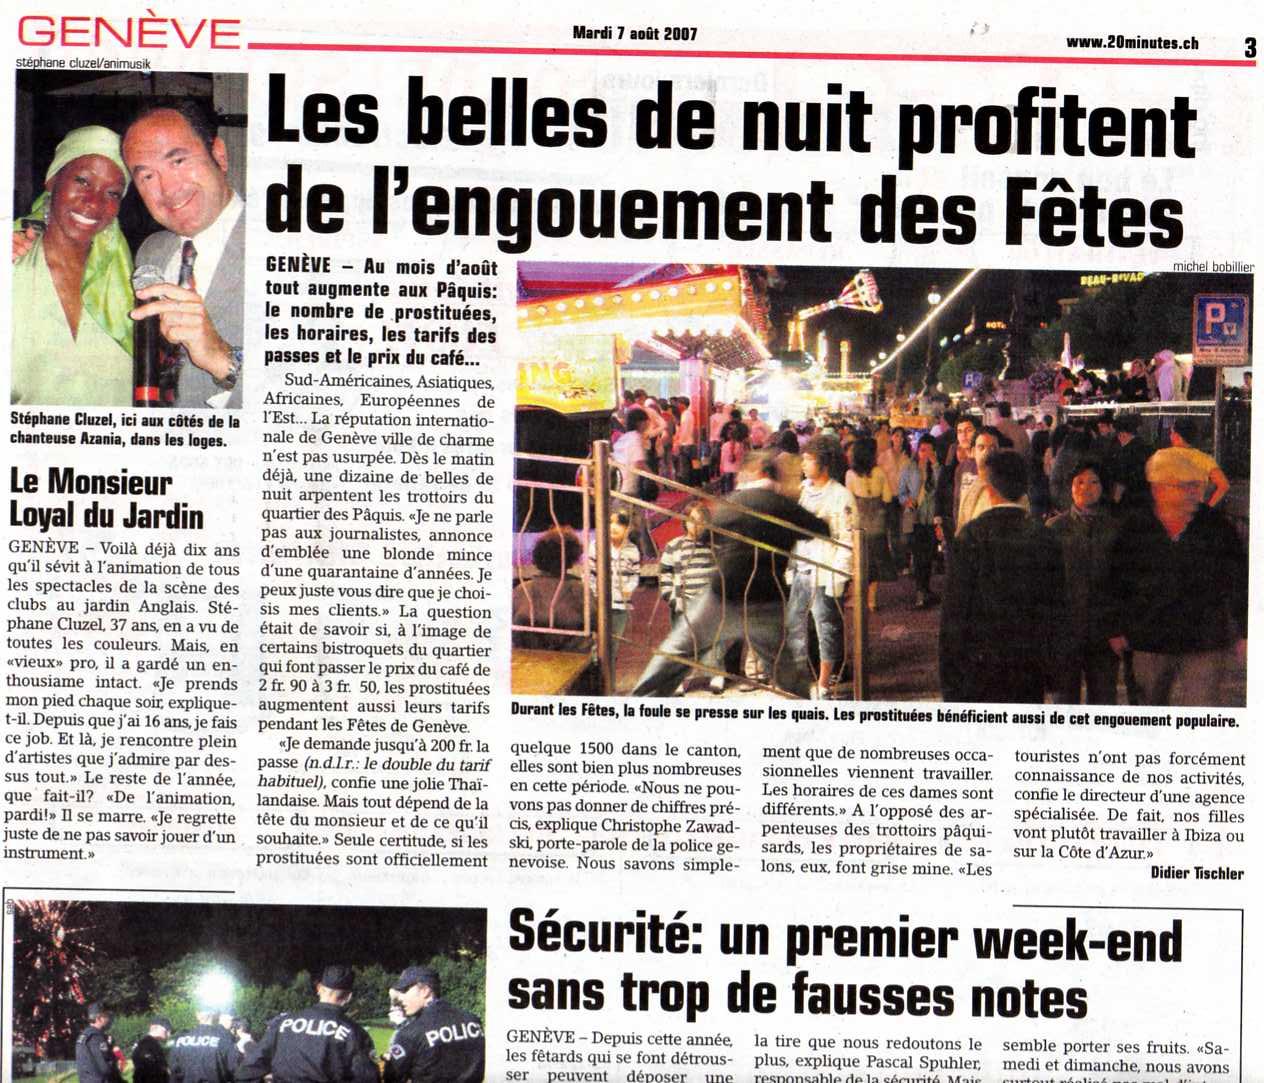 Fêtes de Genève 2007 (20 Minutes).jpg